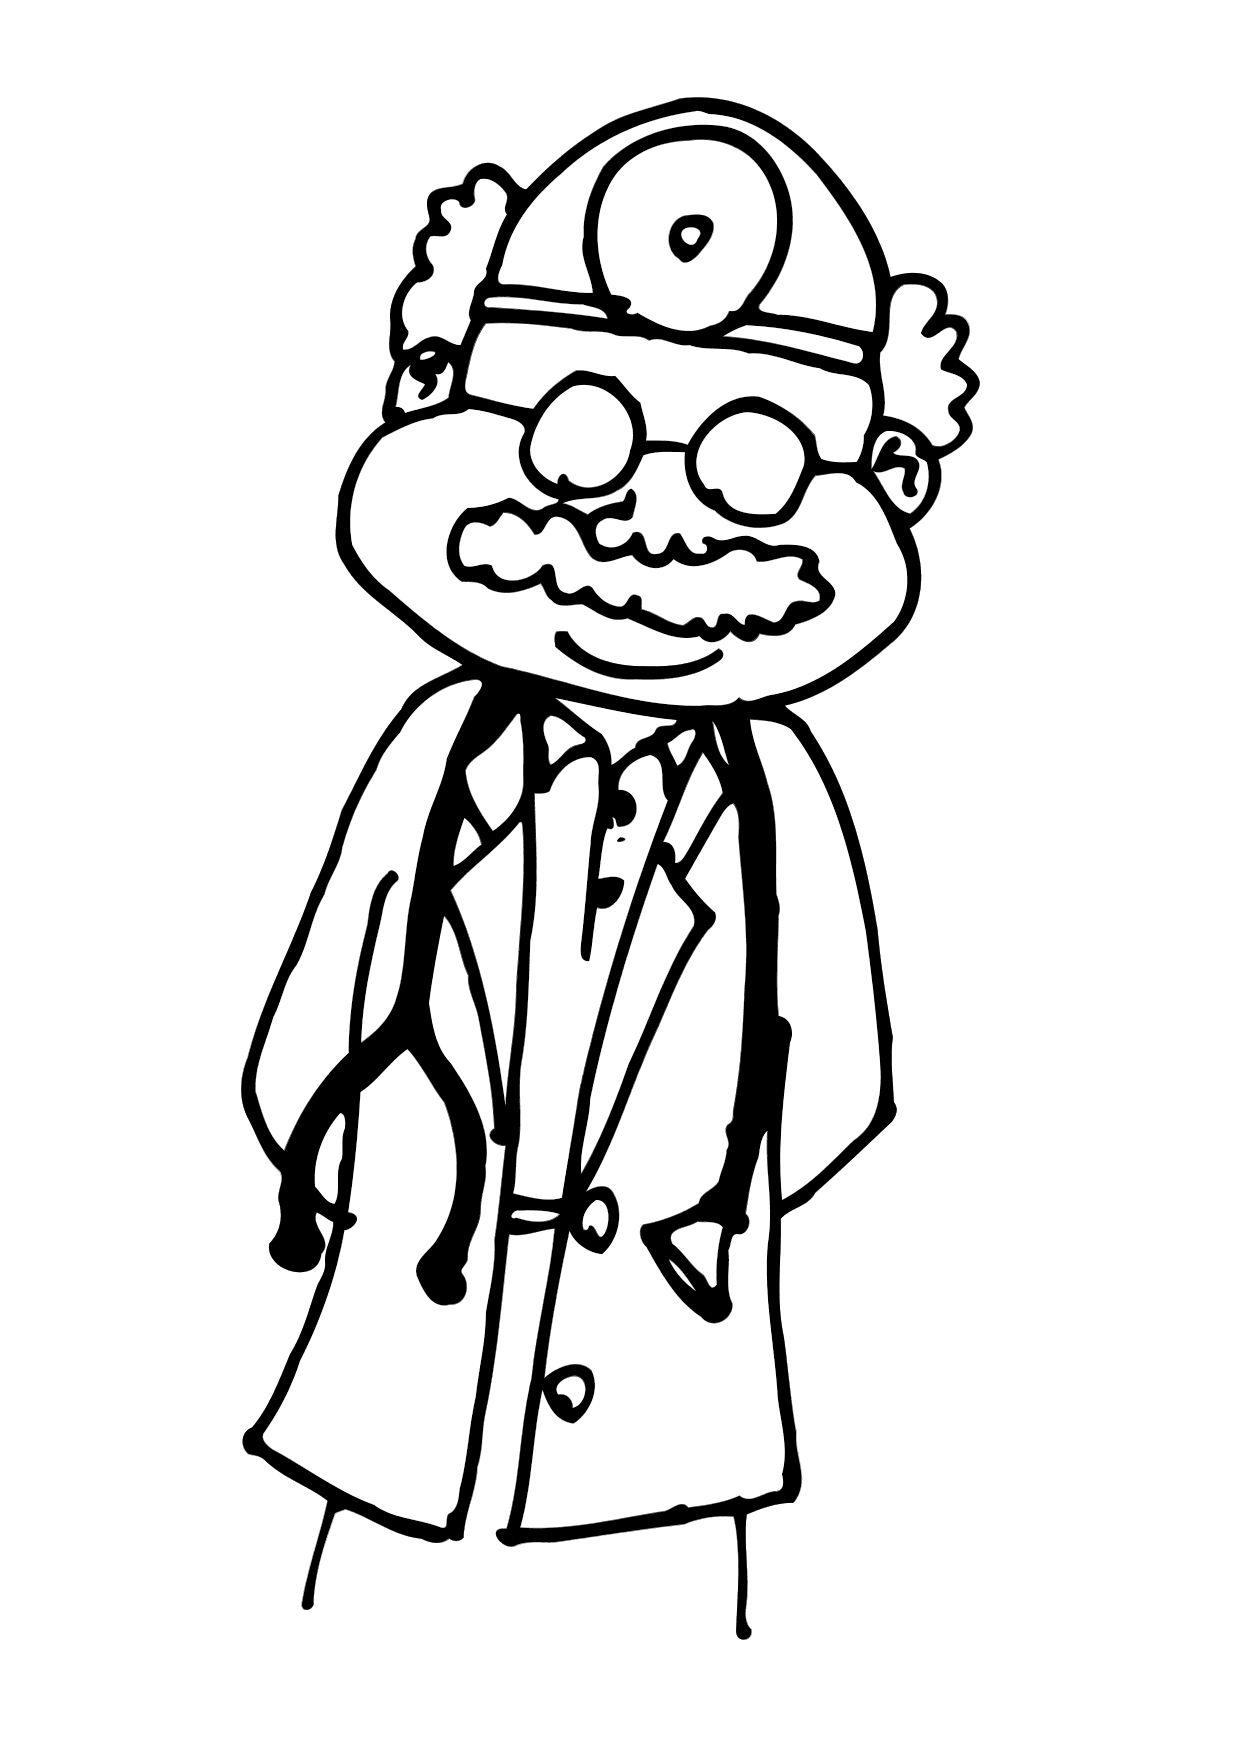 День врача - праздник в больнице. Врачи нас лечат.            Врачи нас лечат, их не стоит бояться. день врача - хороший праздник. Раскрась красочно одну из раскрасок и подари своему врачу!